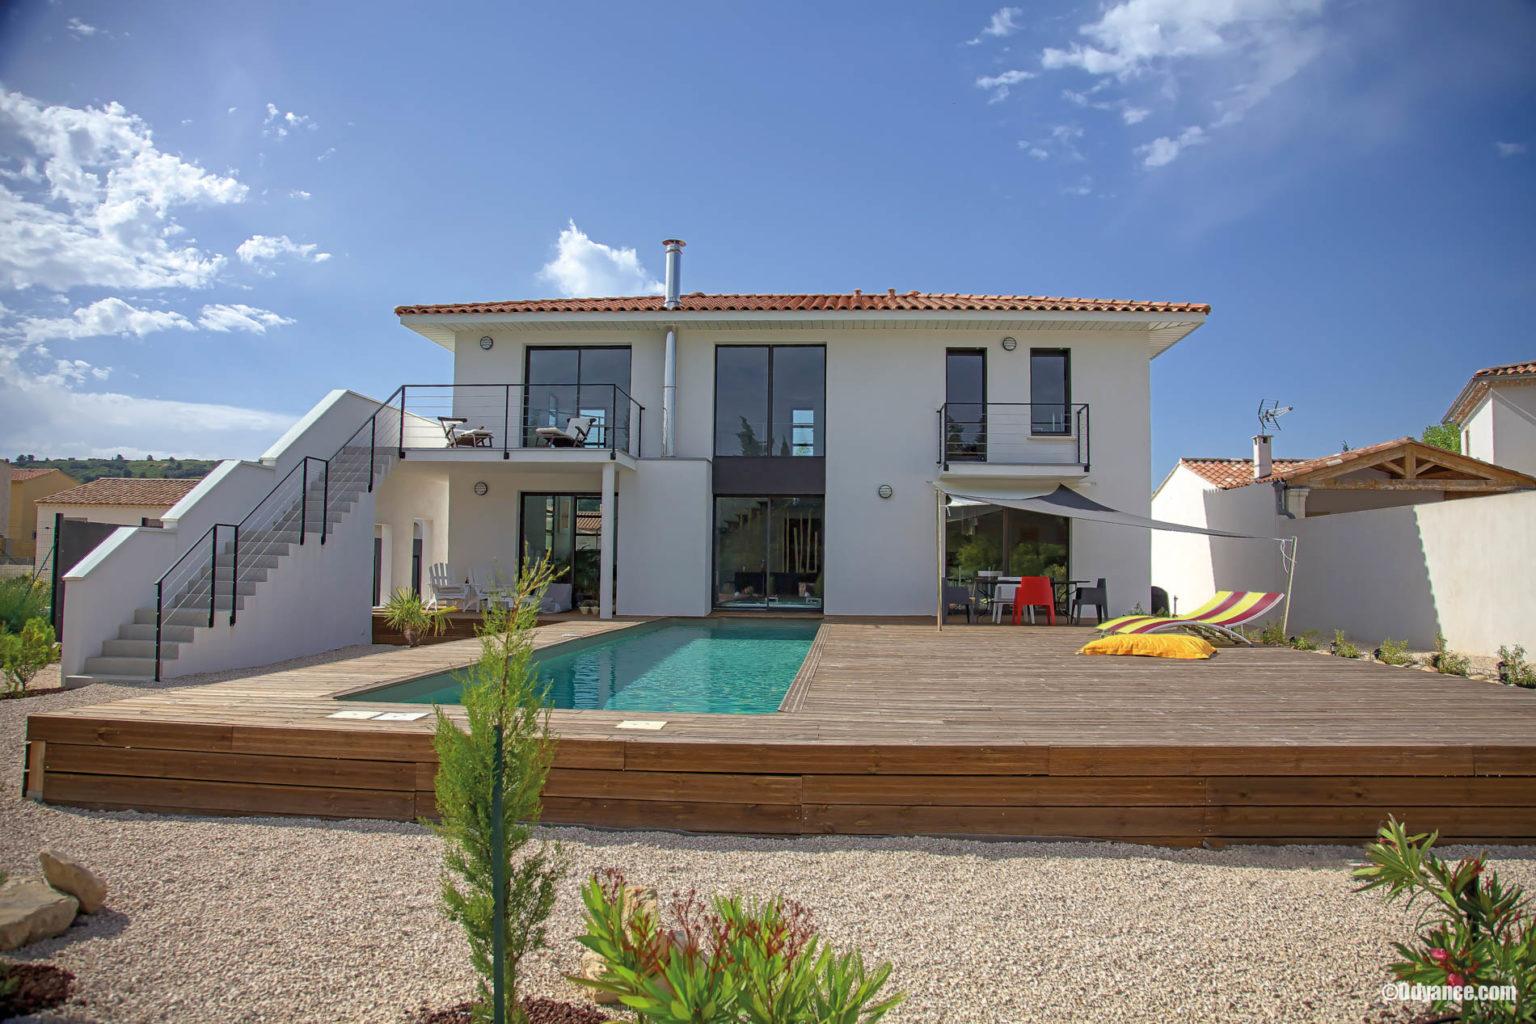 villa-contemporaine-lumiere-18